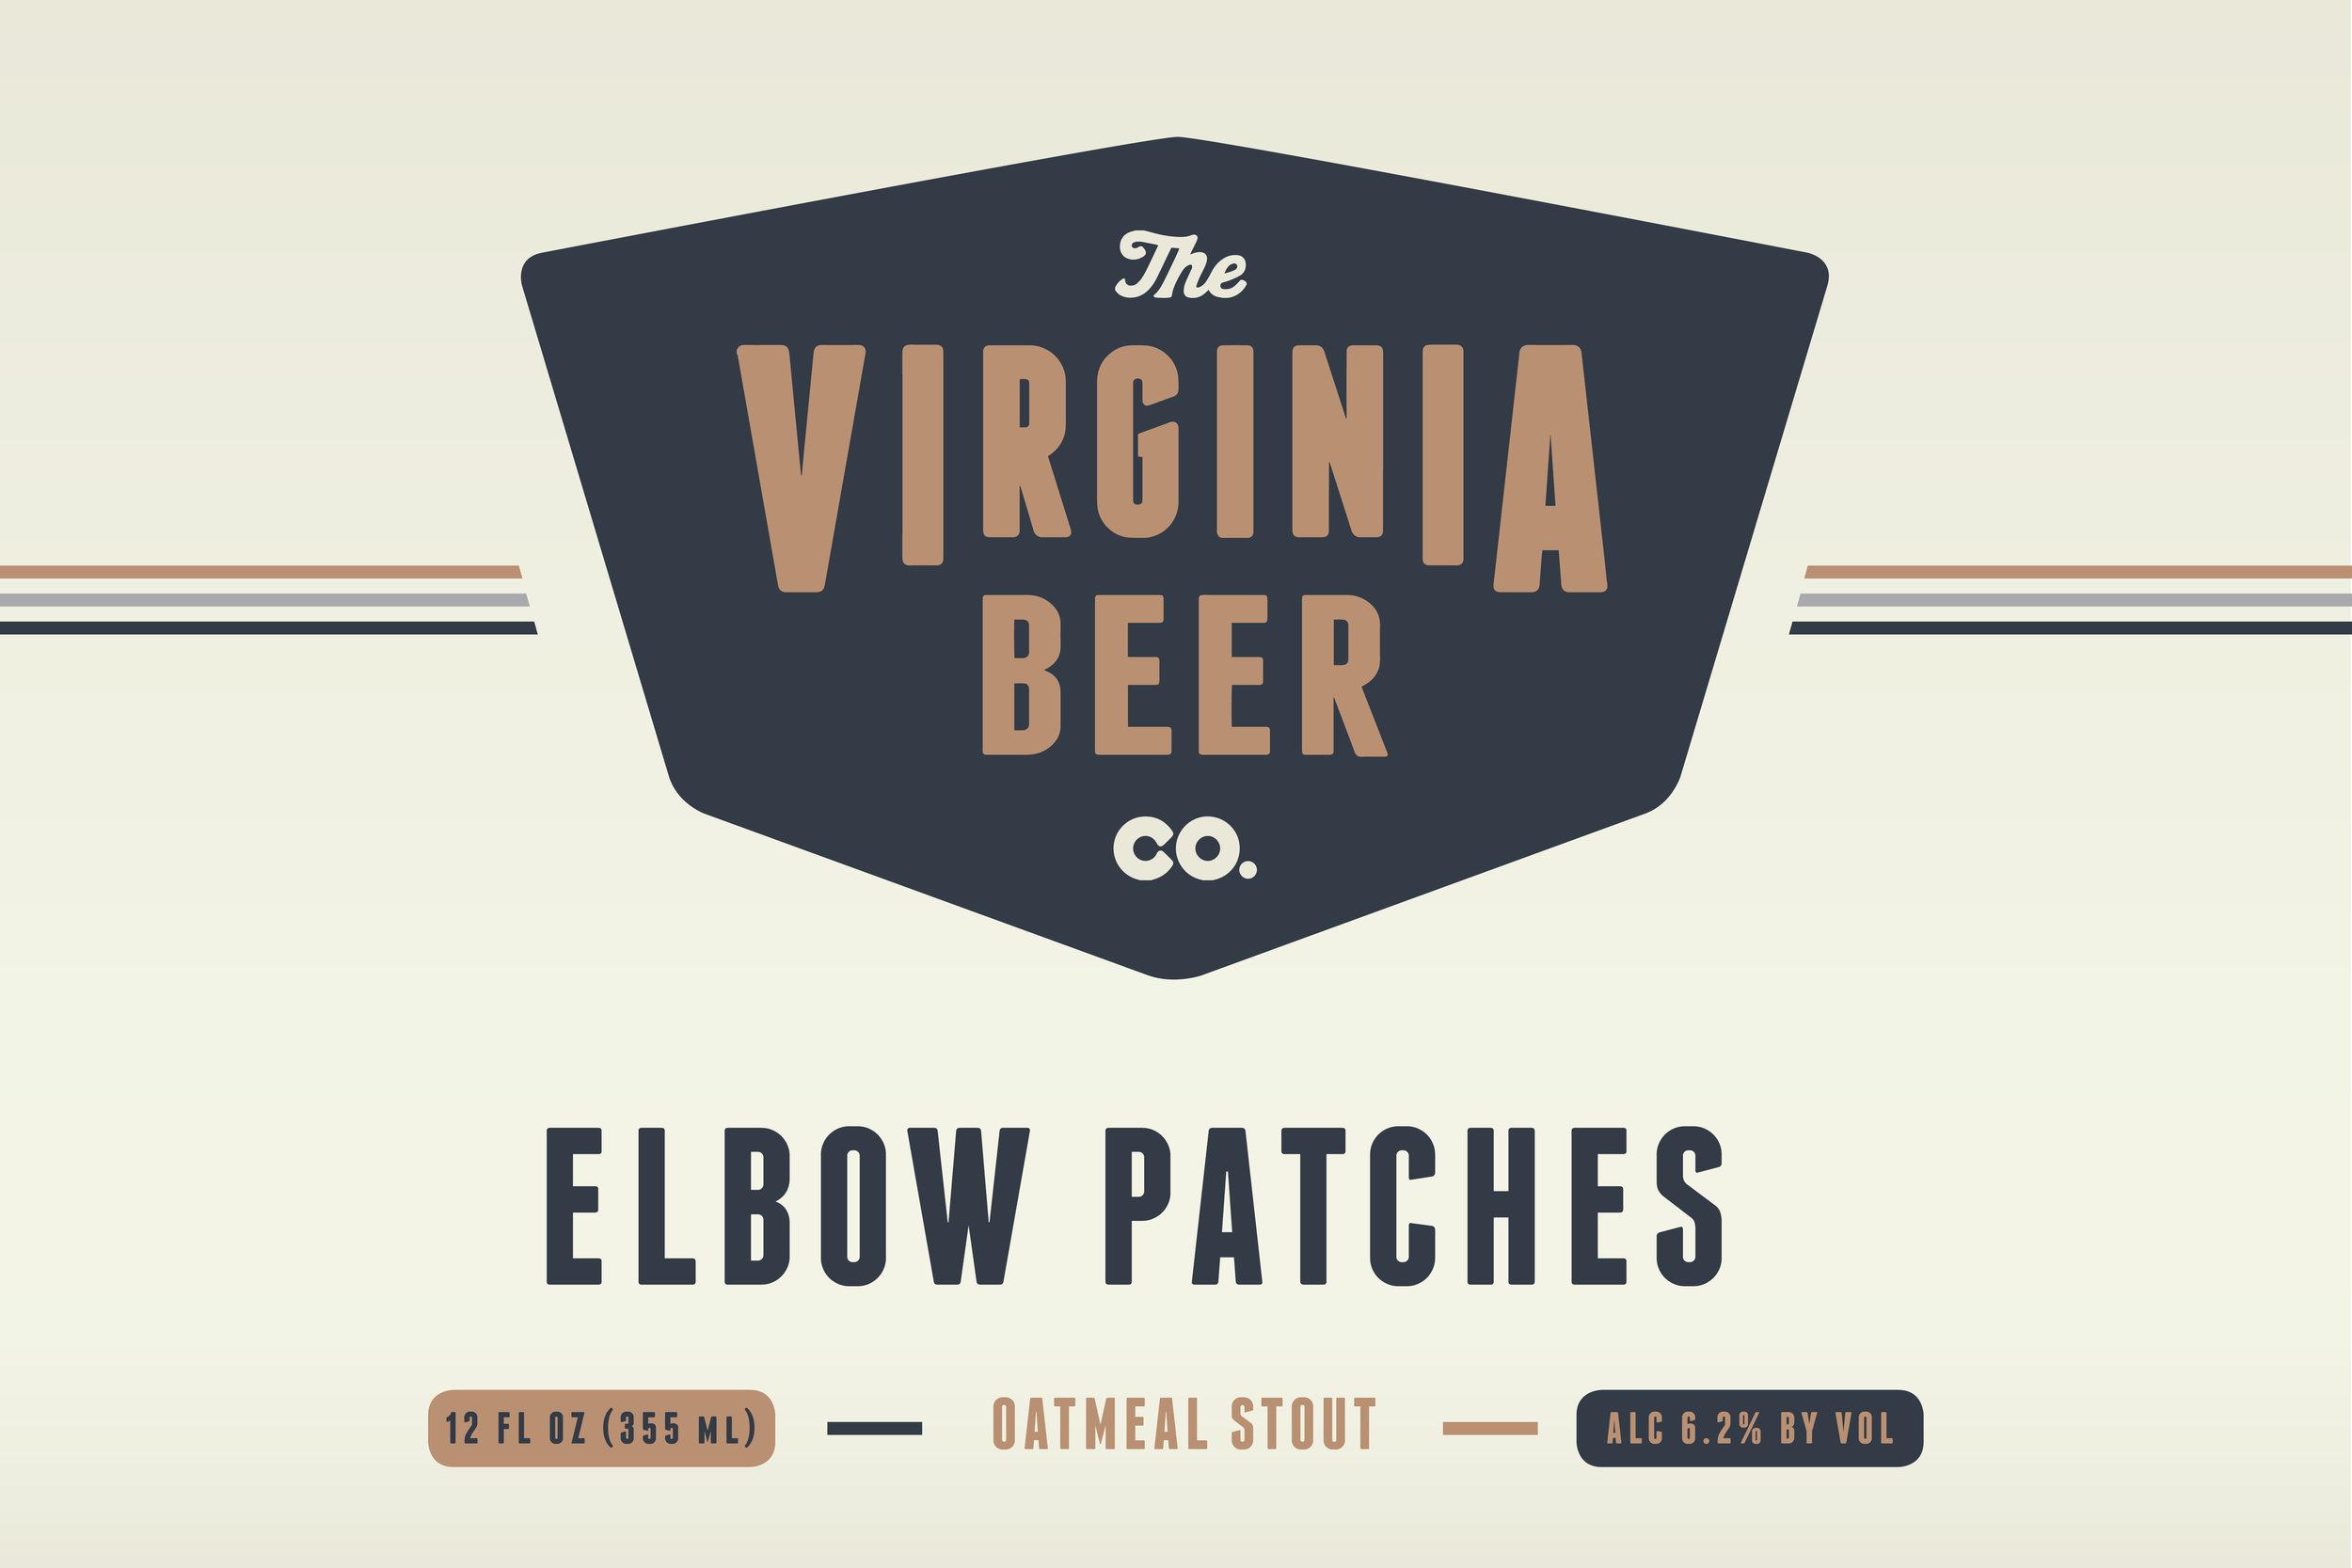 VBC_WebsiteSliders-BeerEngine-ElbowPatches.jpg